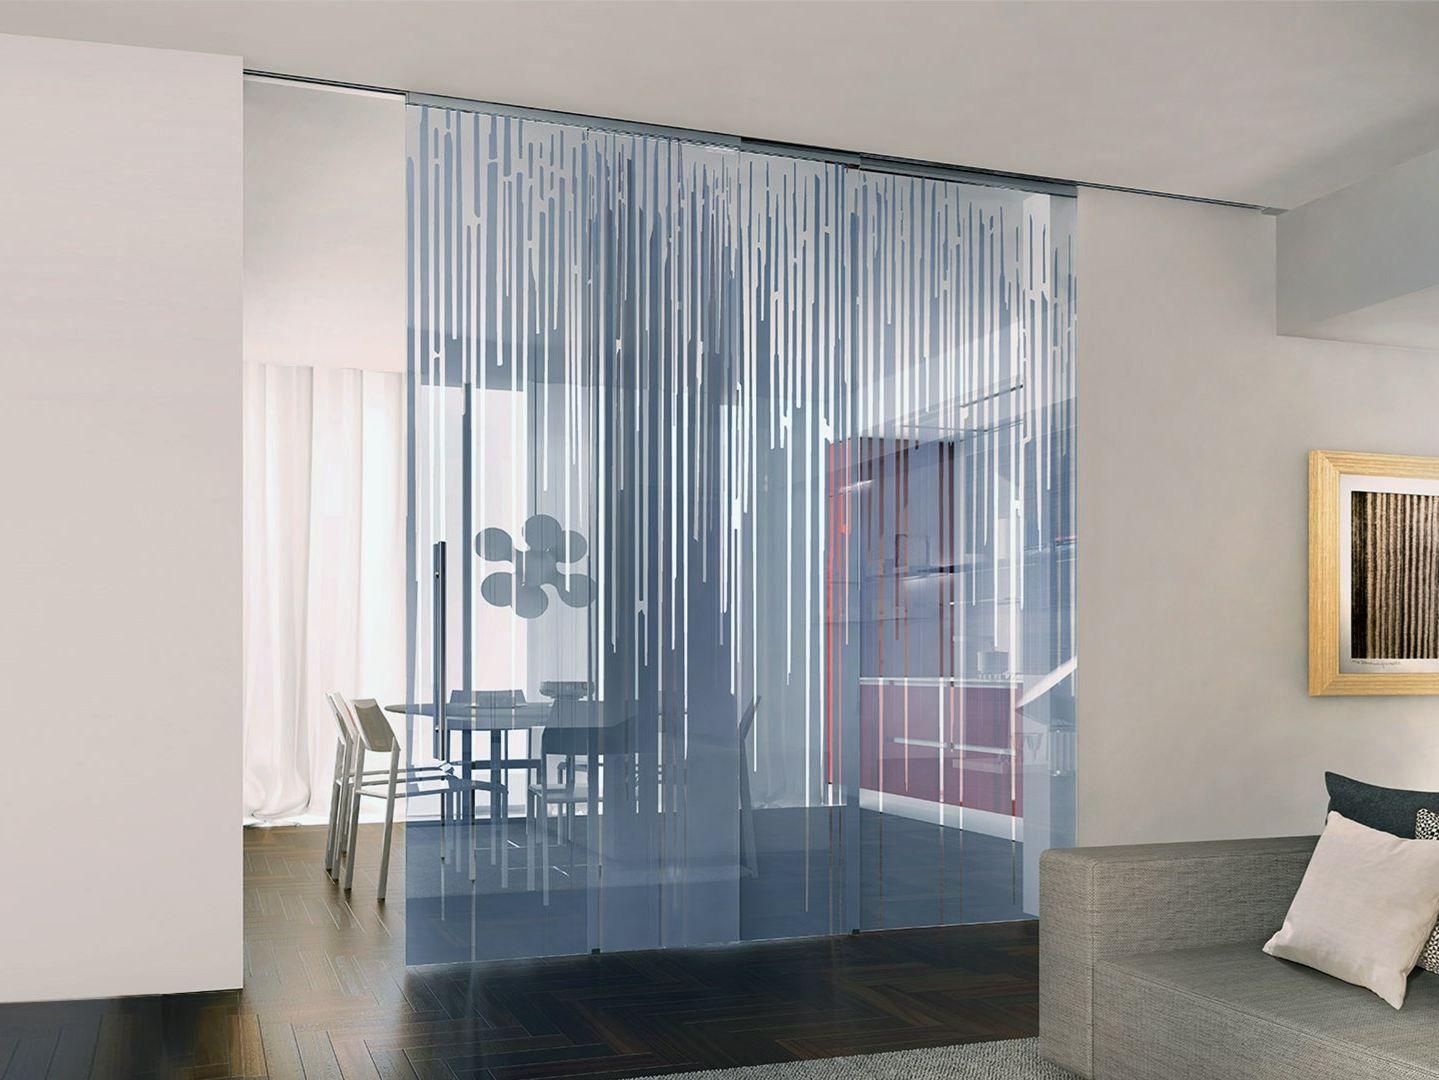 Cloison amovible porte coulissante en verre d cor - Cloison en verre interieur ...